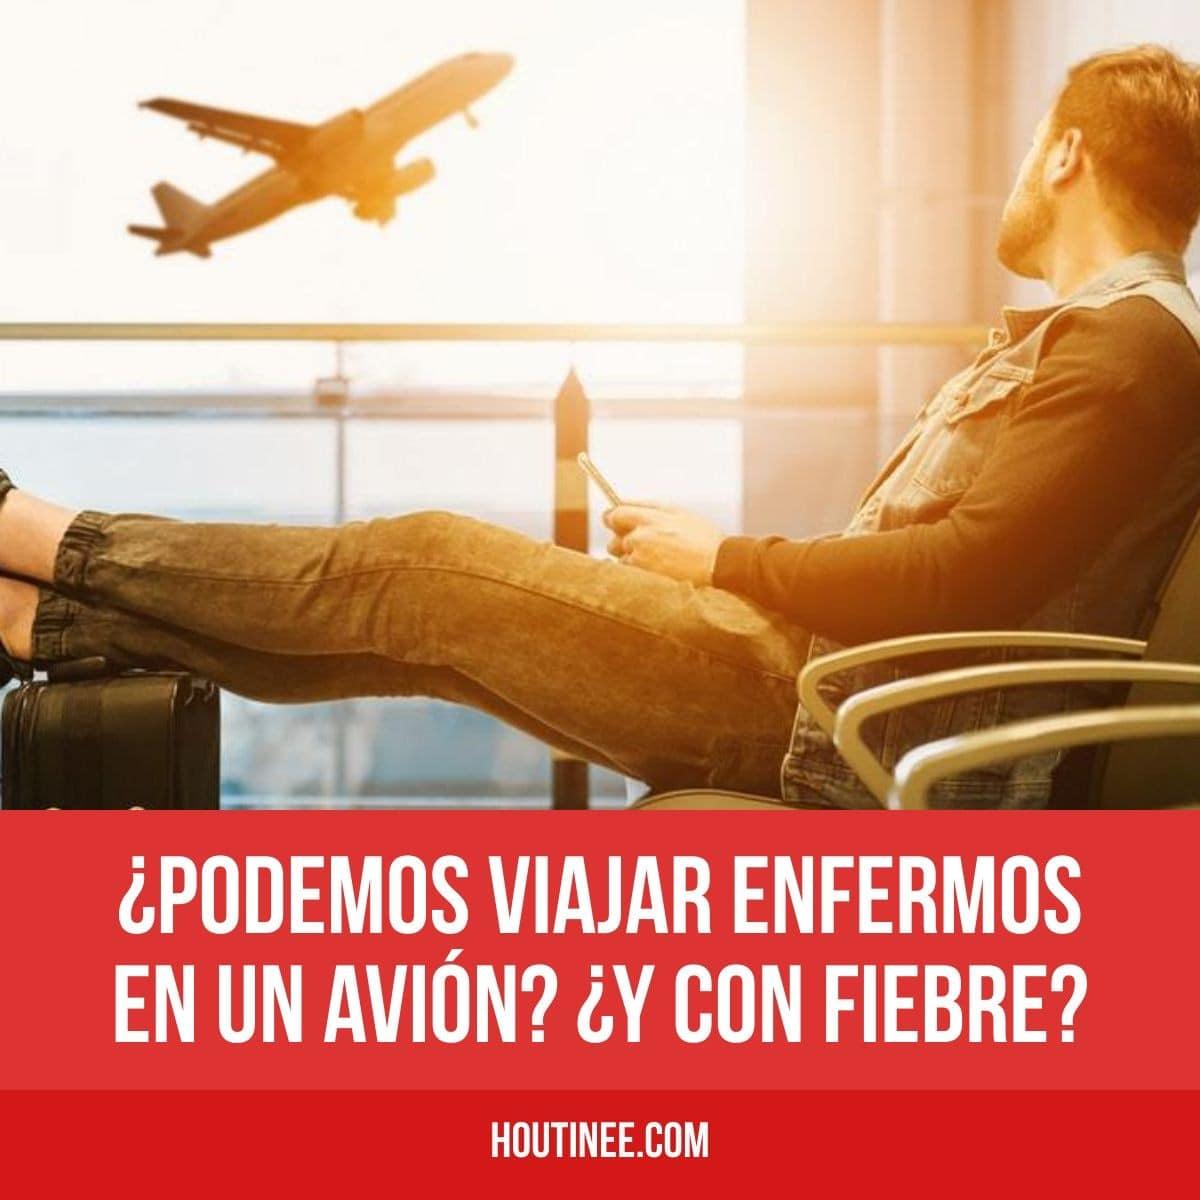 ¿Podemos viajar enfermos en un avión? ¿Y con fiebre? ¿Qué pasa con el Coronavirus?